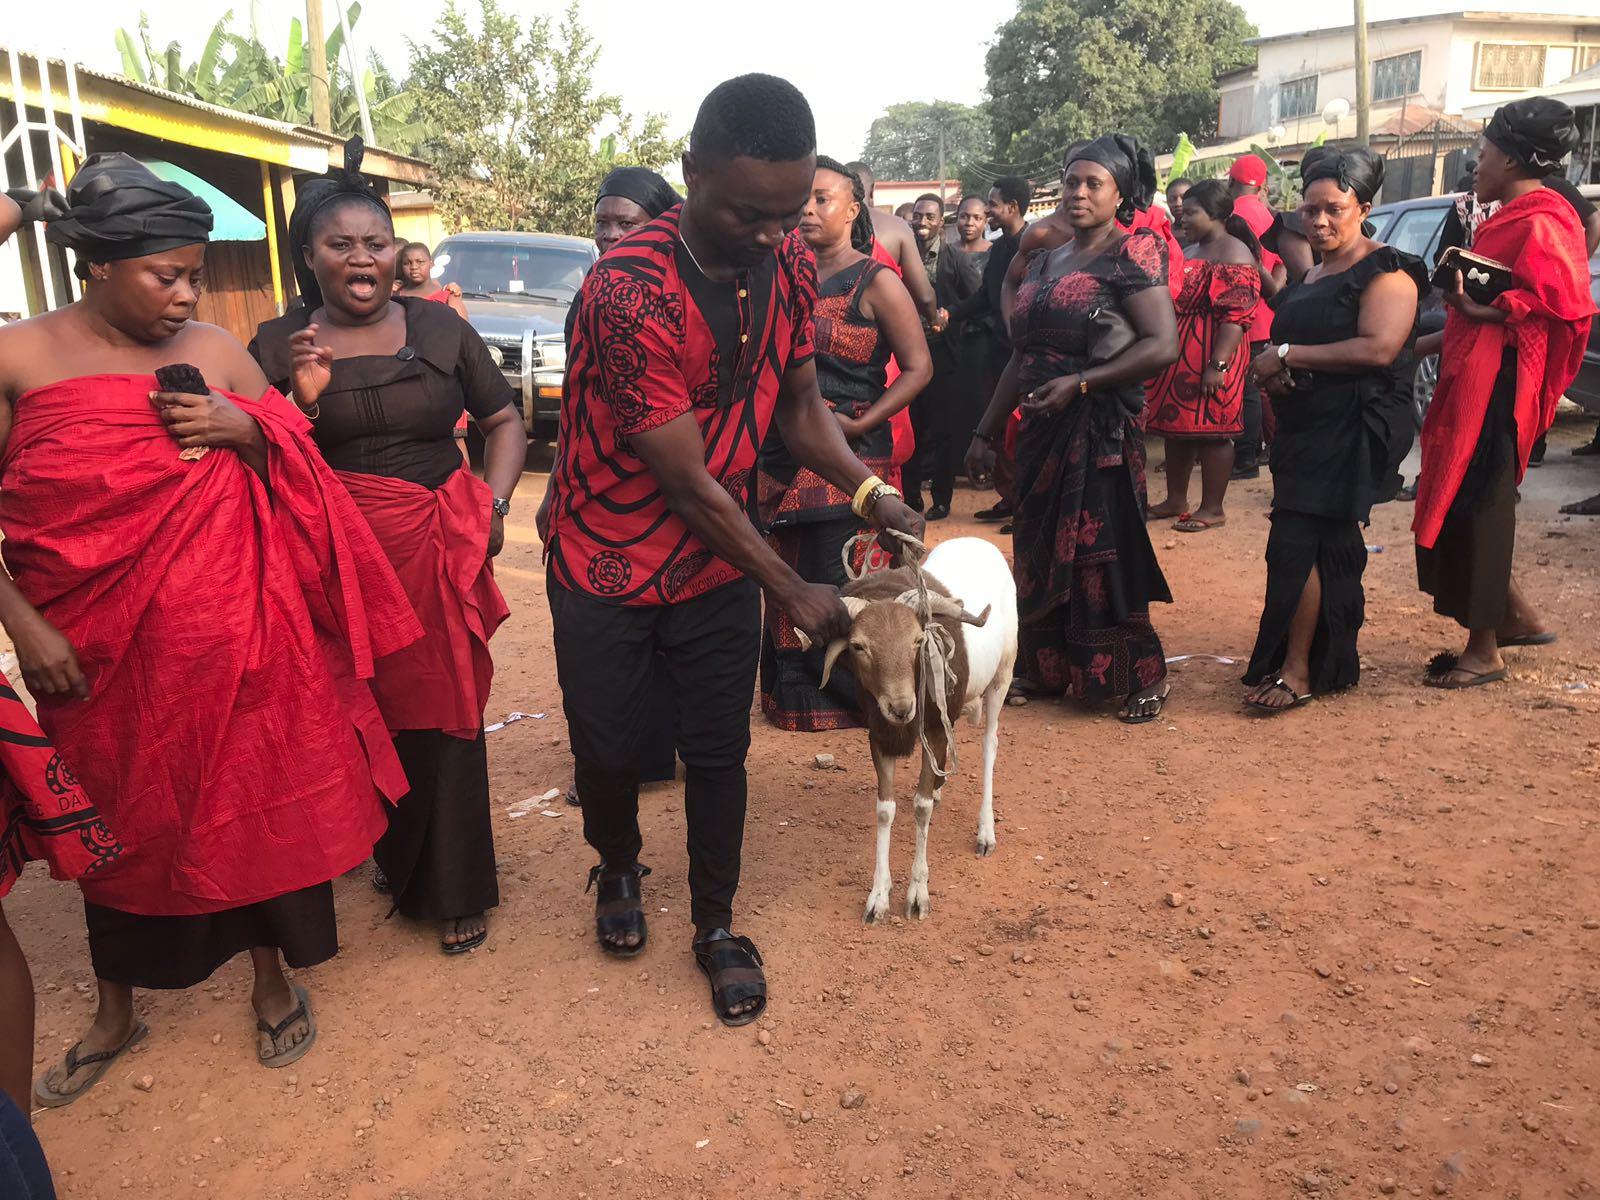 יום 5 - שוק המלכים, שוק עבדים וציפייה ללוויה